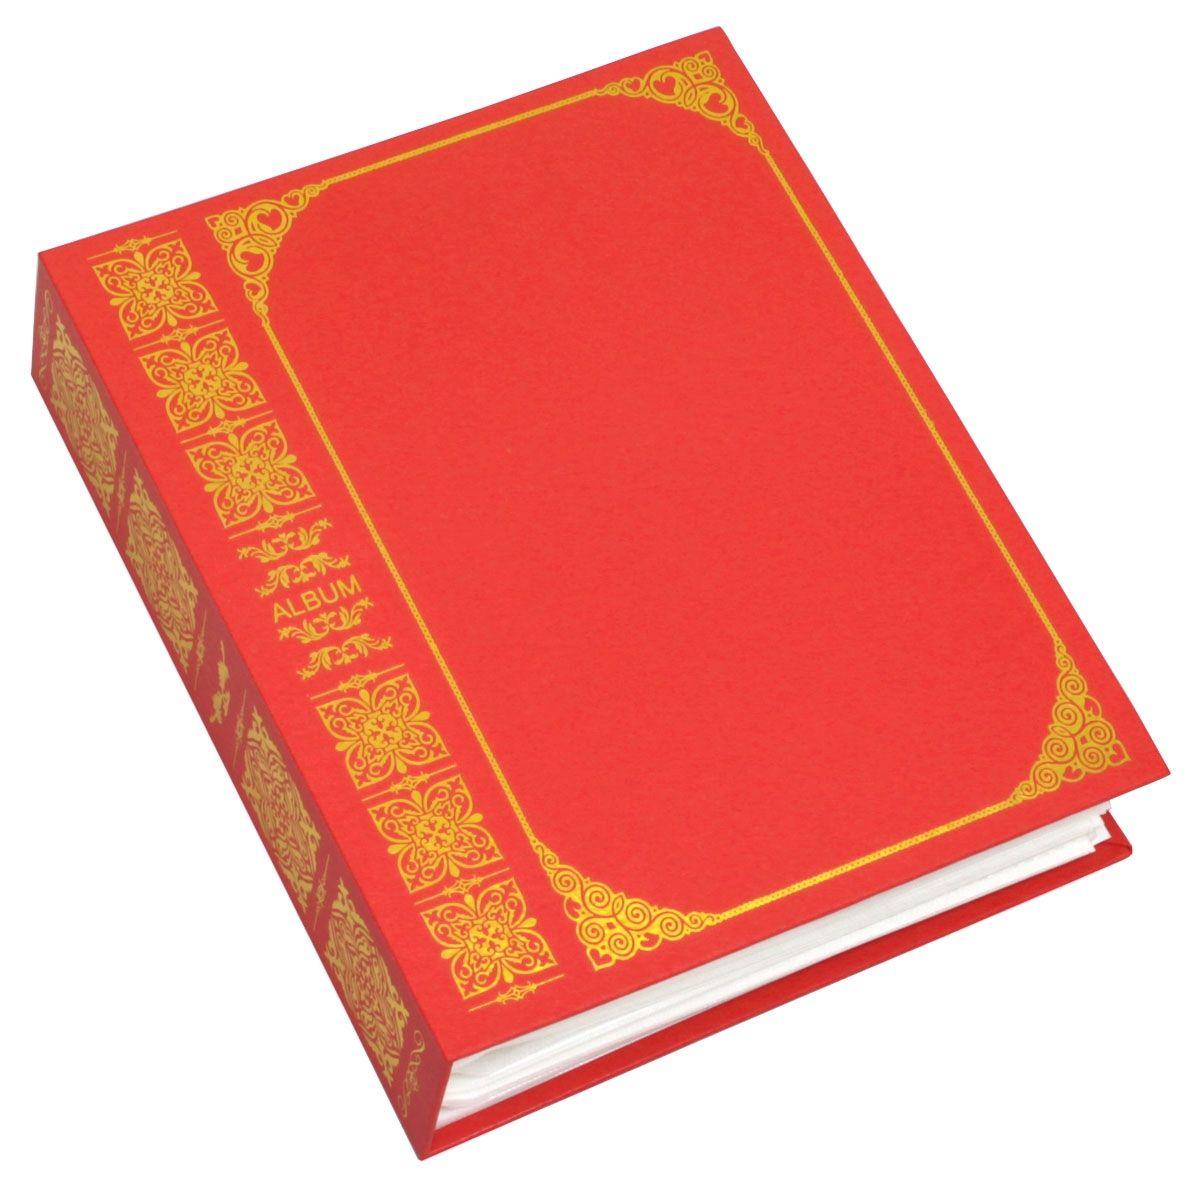 Фотоальбом Pioneer Royal Vinyl, 100 фотографий, цвет: красный, 15 х 21 см46445 AV68100Альбом для фотографий формата 15х21 см. Тип листов: полипропиленовые. Тип переплета: высокочастотная сварка. Кол-во фотографий: 100. Материалы, использованные в изготовлении альбома, обеспечивают высокое качество хранения Ваших фотографий, поэтому фотографии не желтеют со временем.